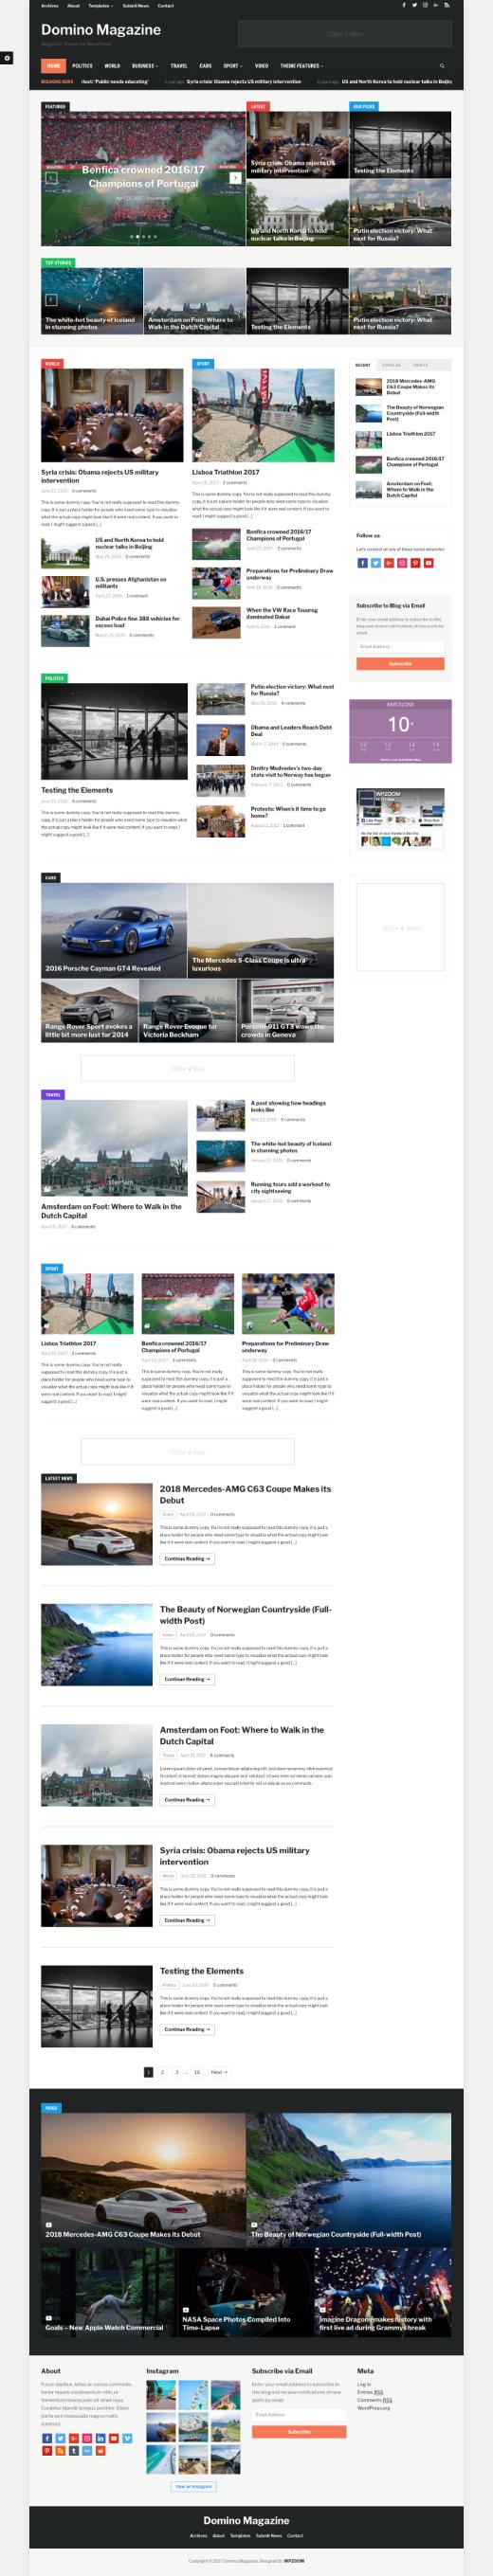 Domino Magazine • best magazine WordPress theme – WPZOOM